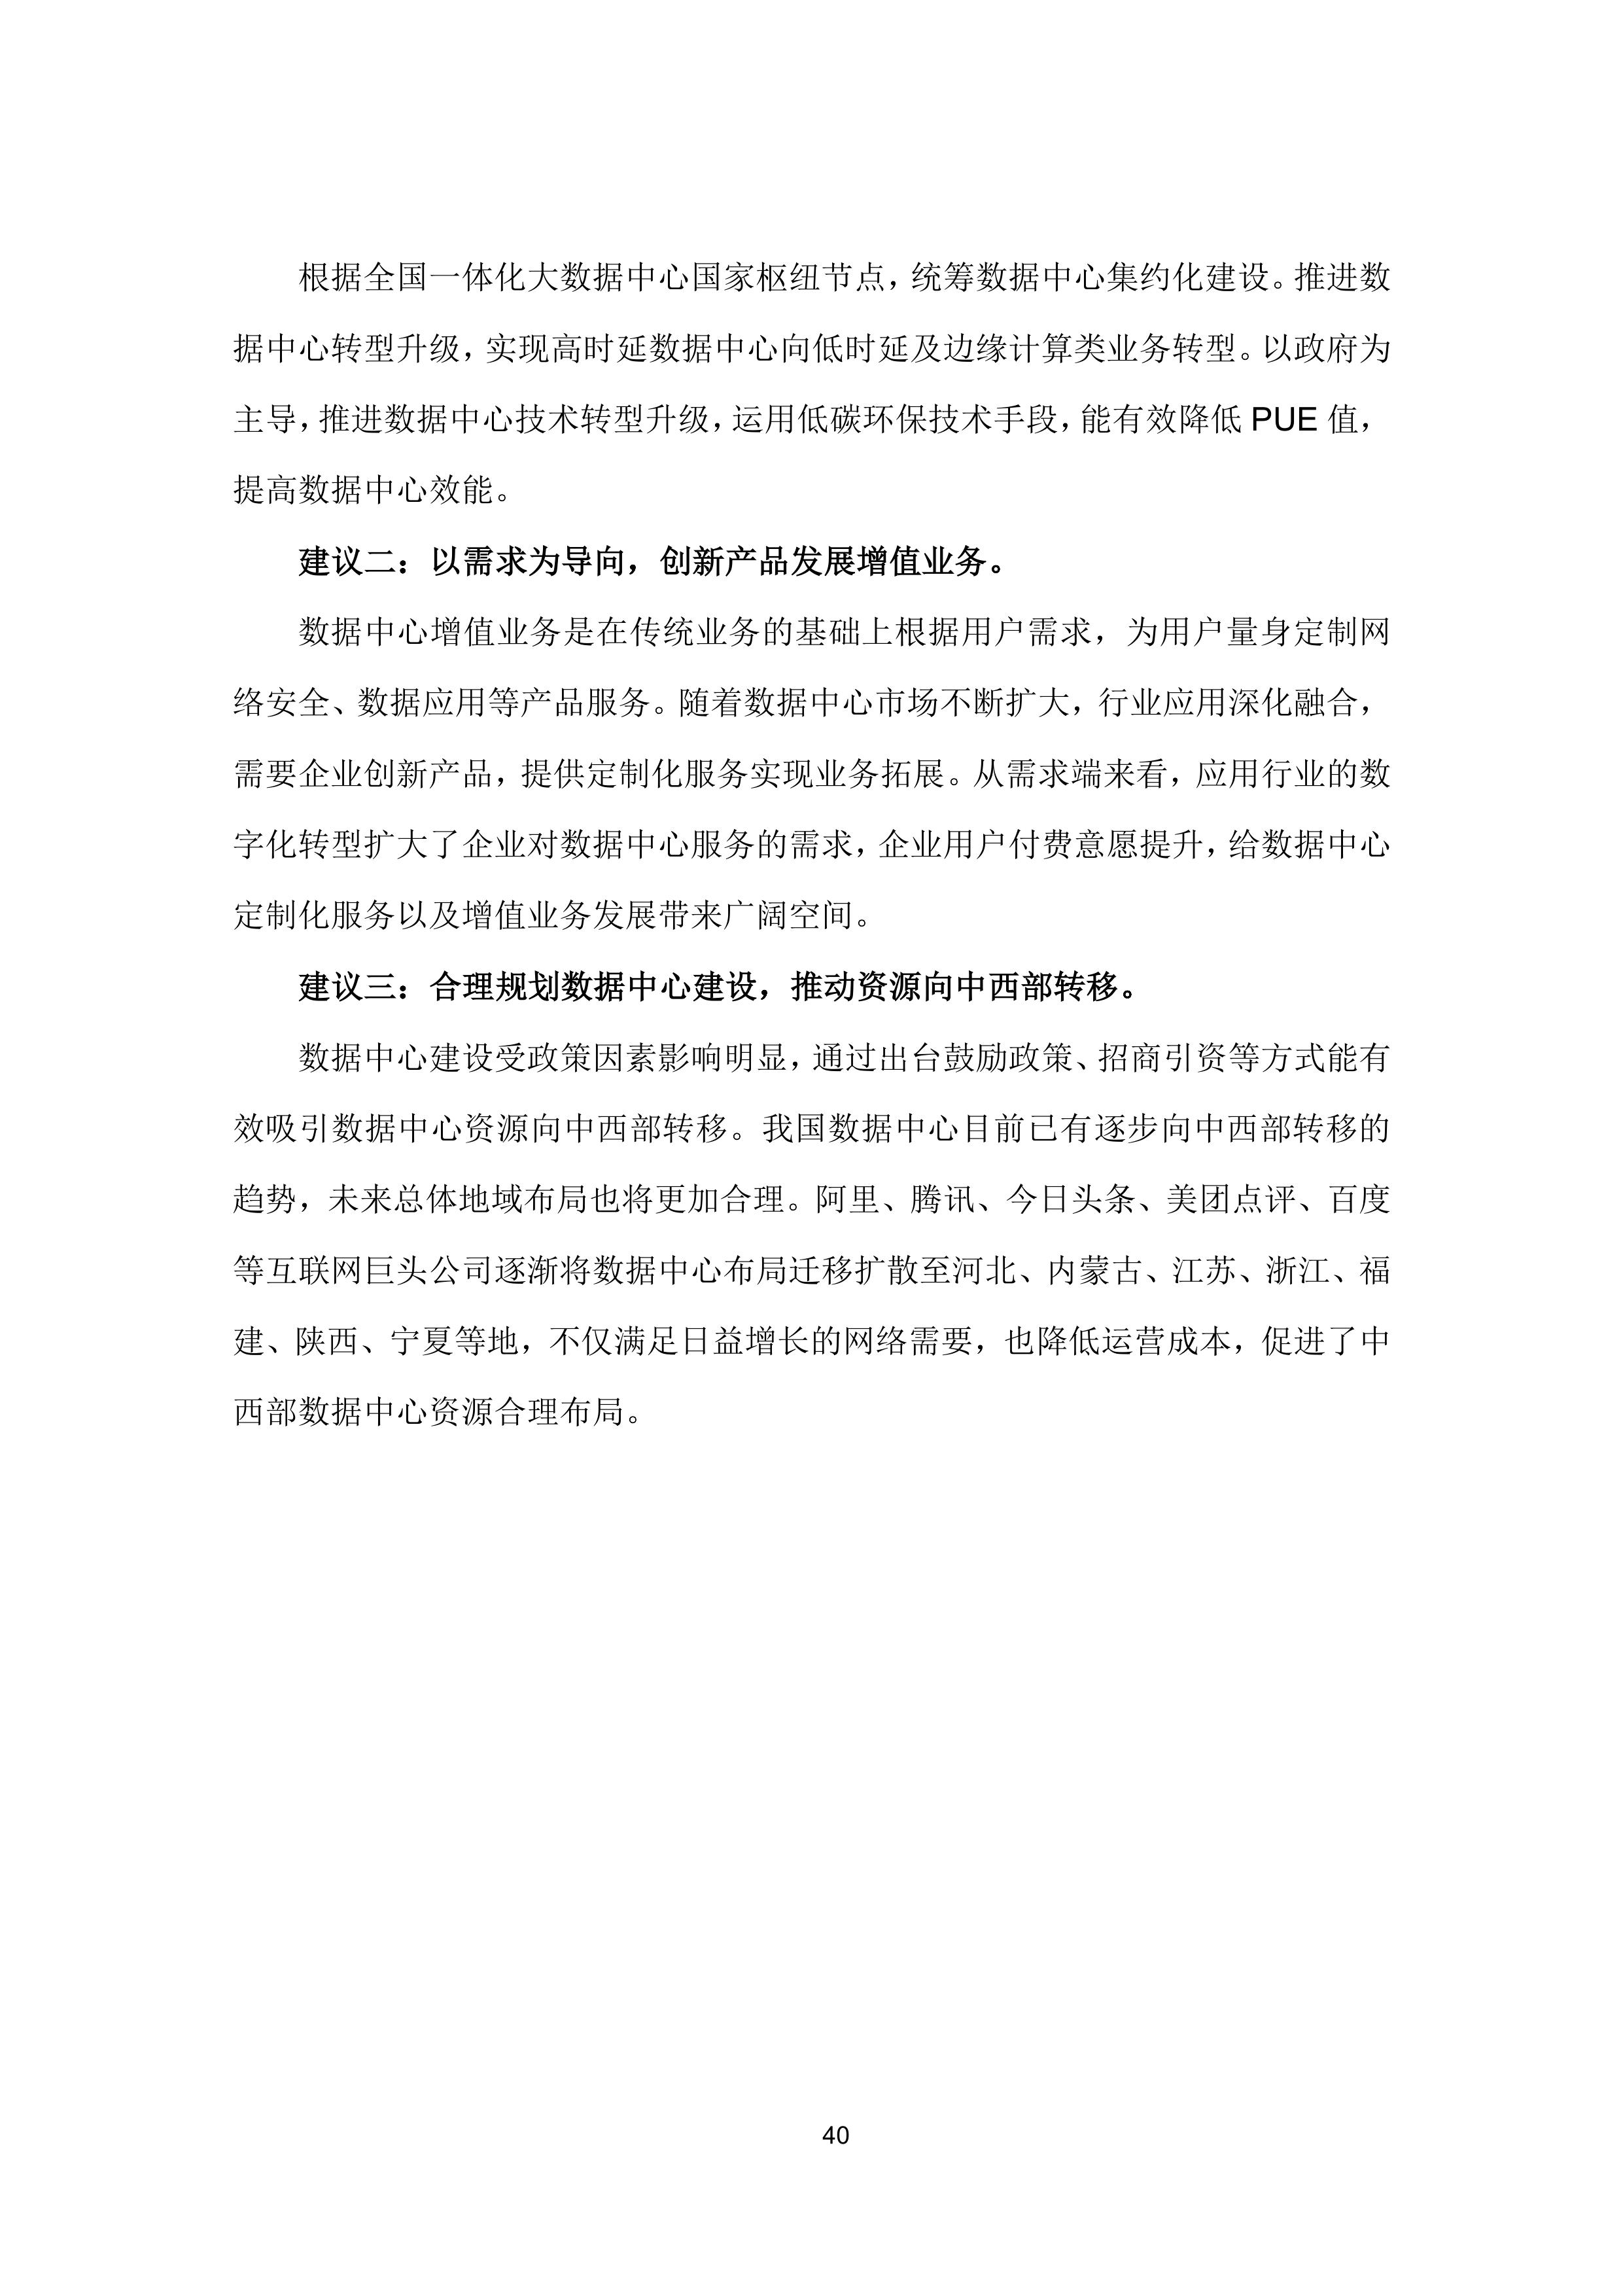 36氪研究院 - 新基建系列之:2020年中国城市数据中心发展指数报告-大菠萝官网(图51)